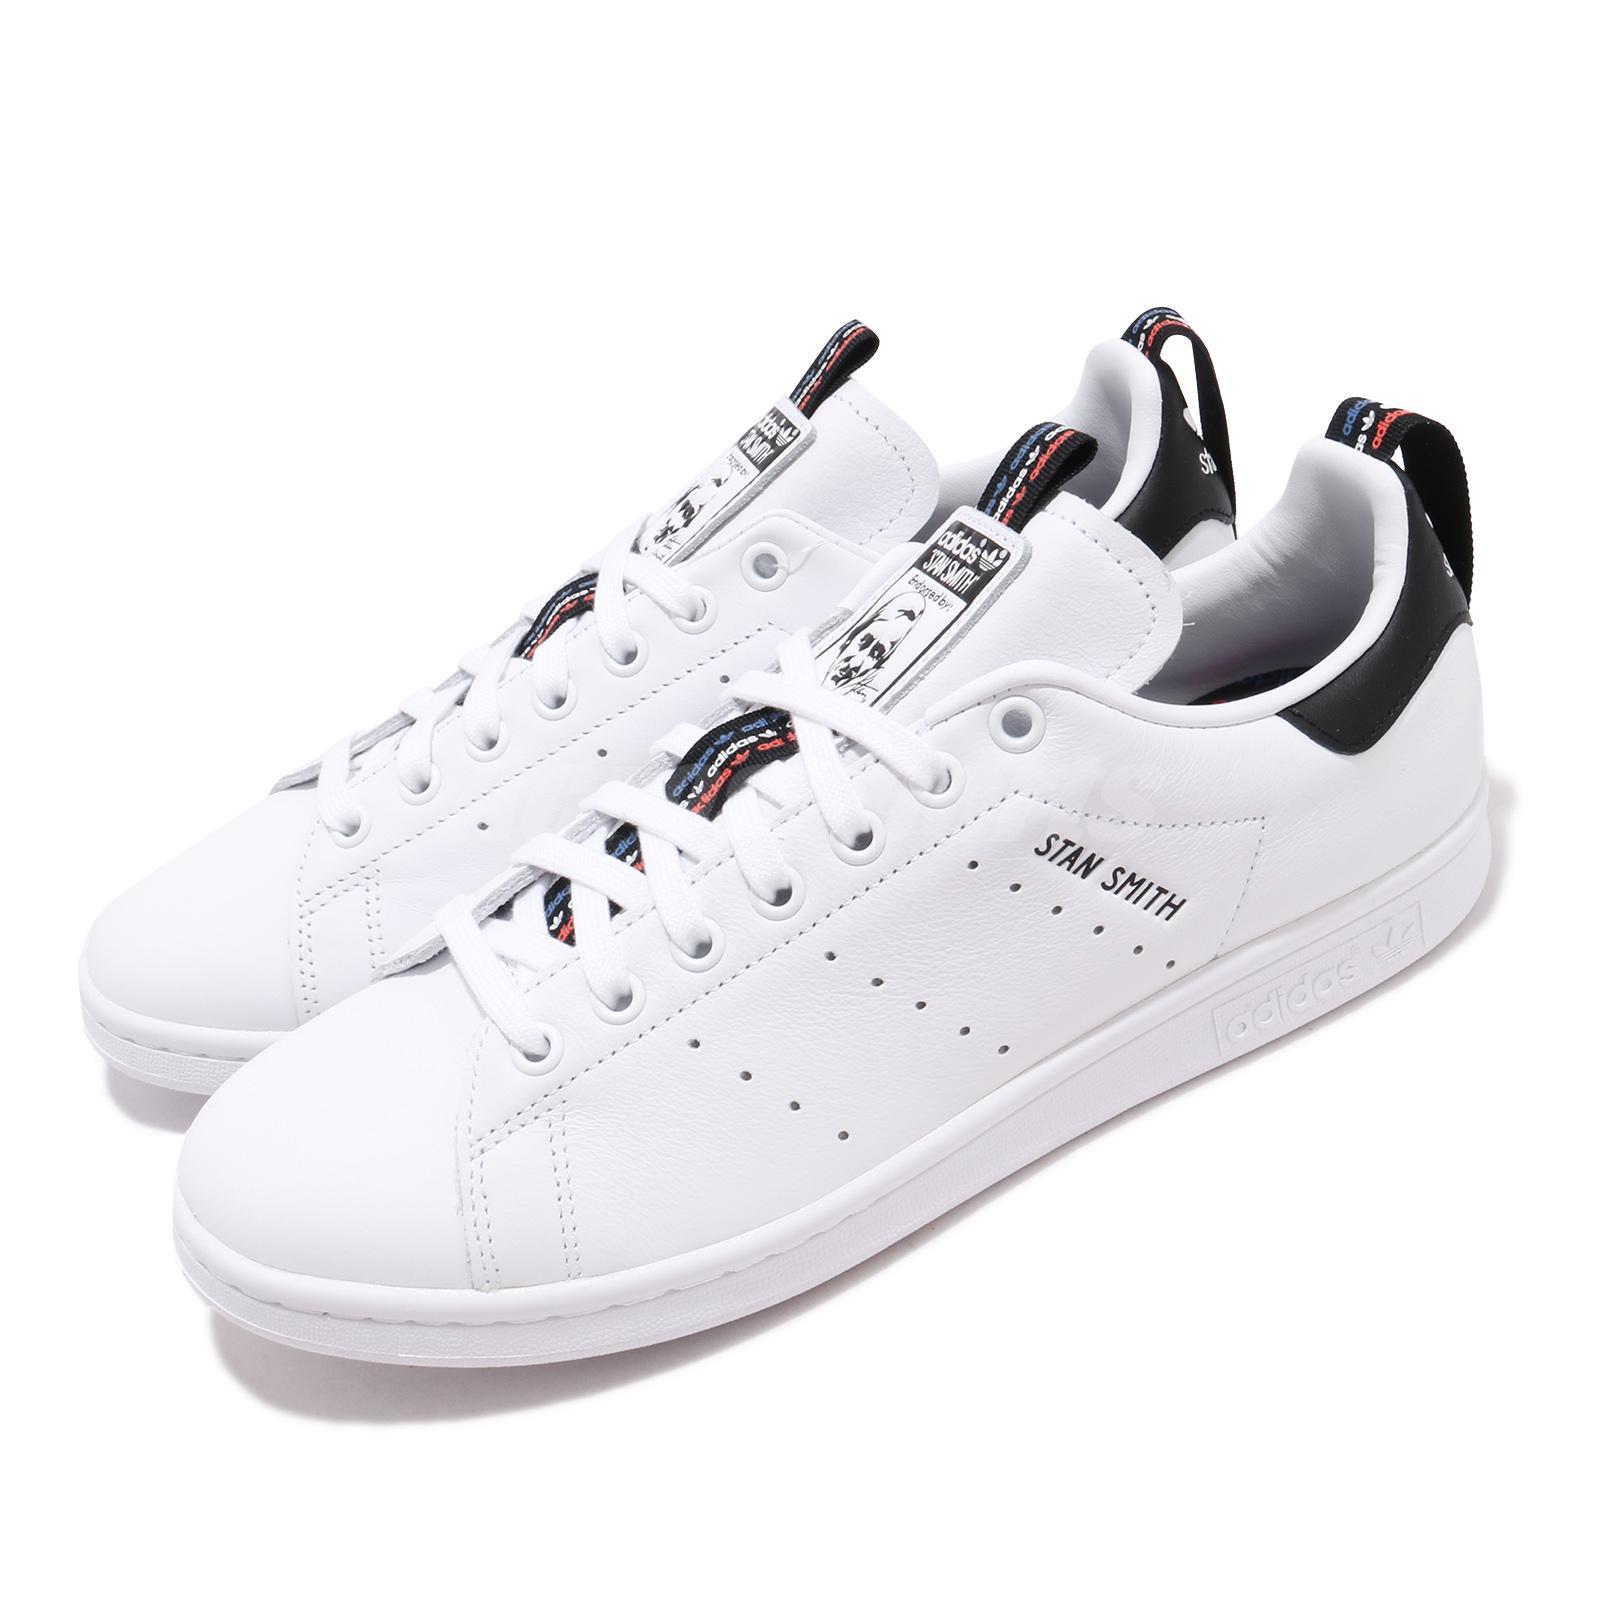 Black Men Casual Lifestyle Shoes FW5814